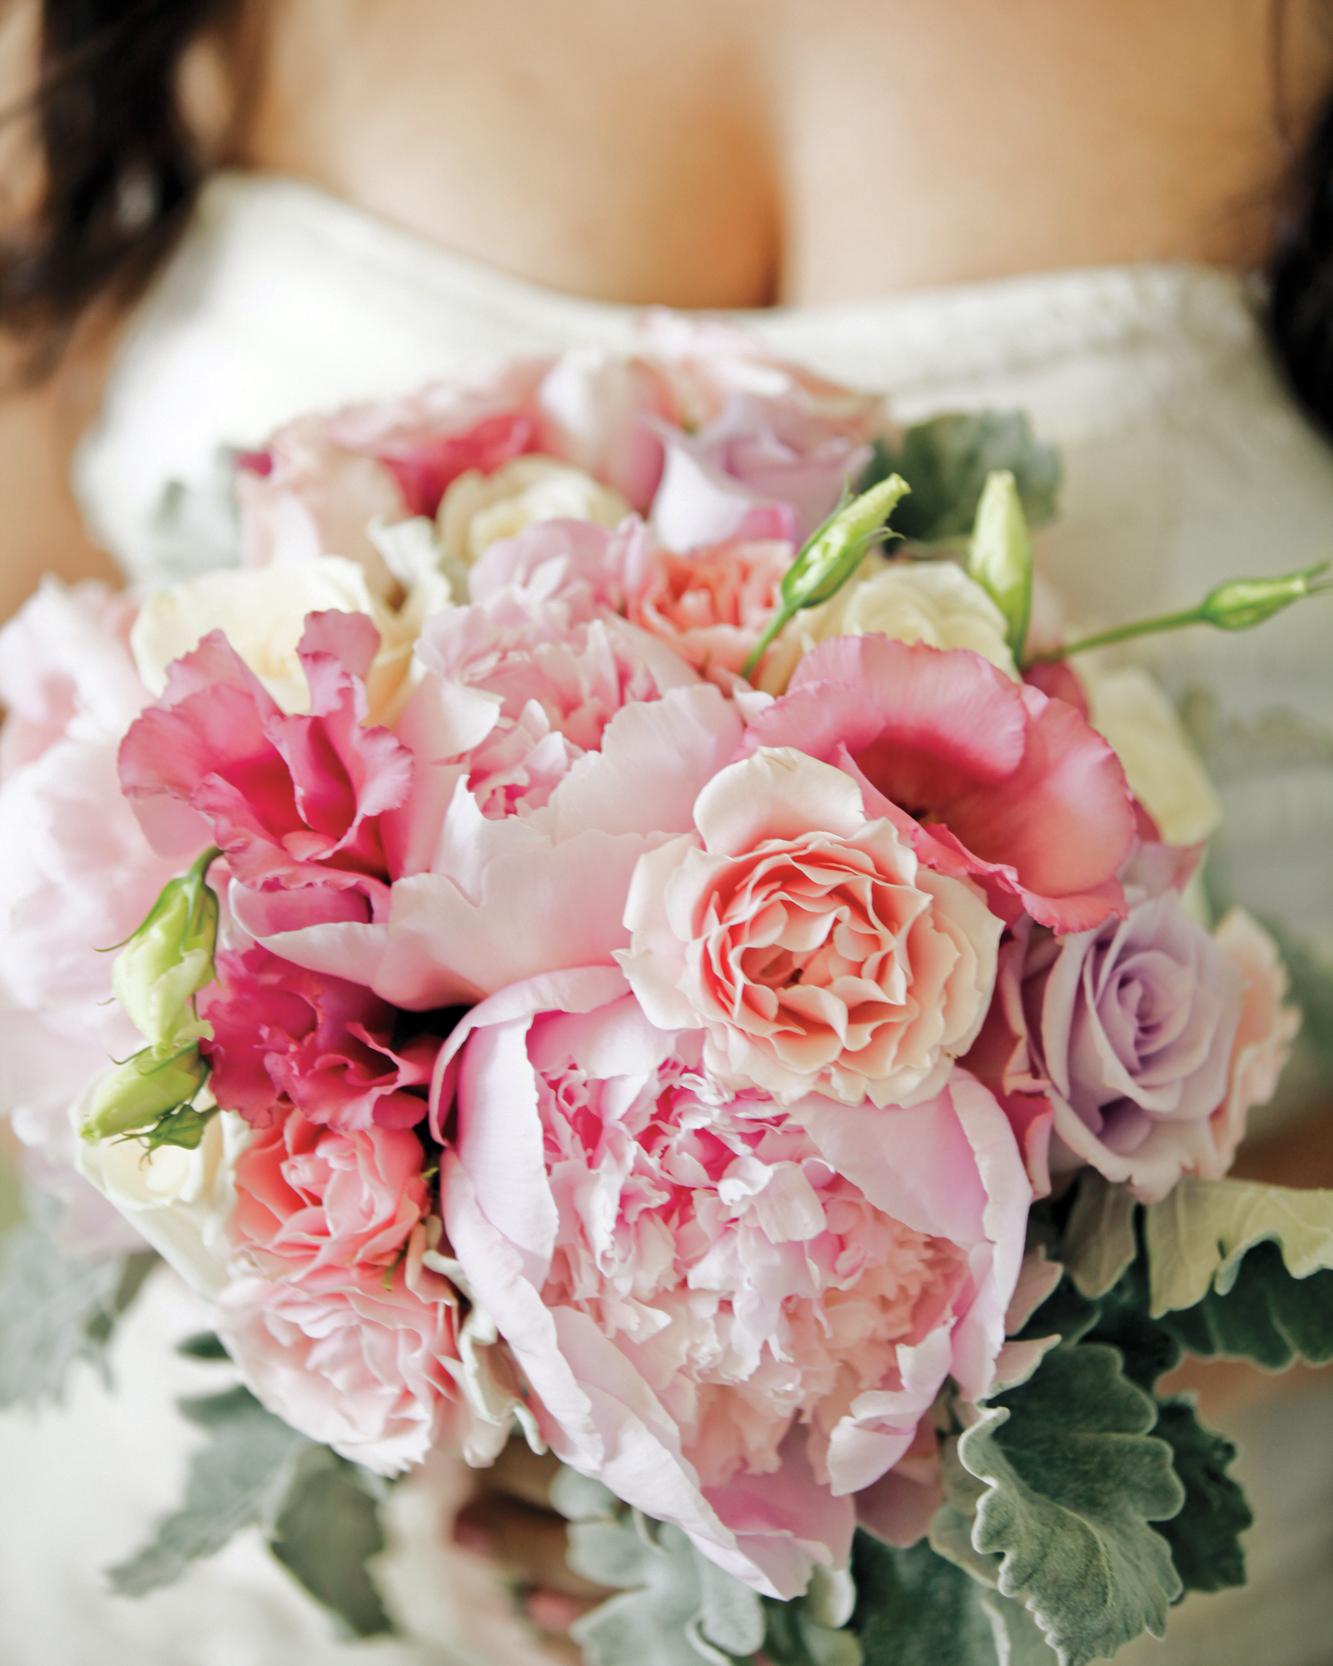 vanessa-michael-bouquet-mwds107762.jpg